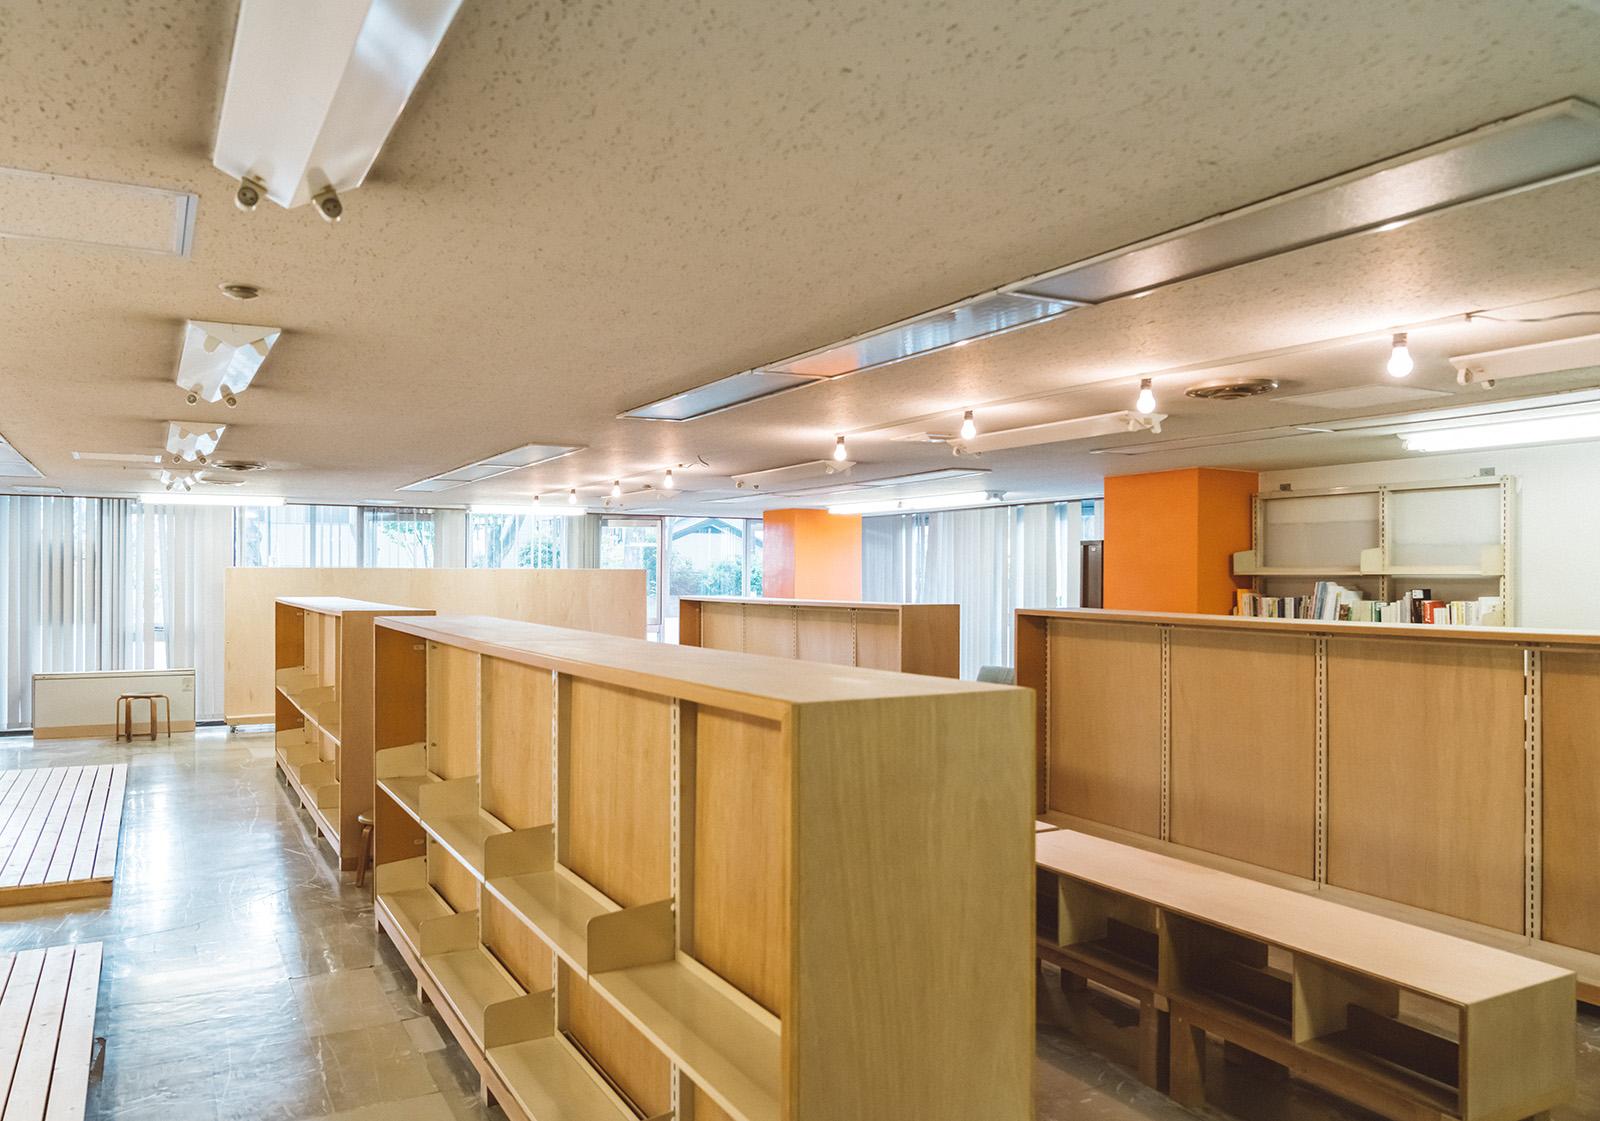 旧大宮図書館に設置されたSACP ROOM。取材時は制作進行中の状態。卒業した大学の後輩と設計を行っている